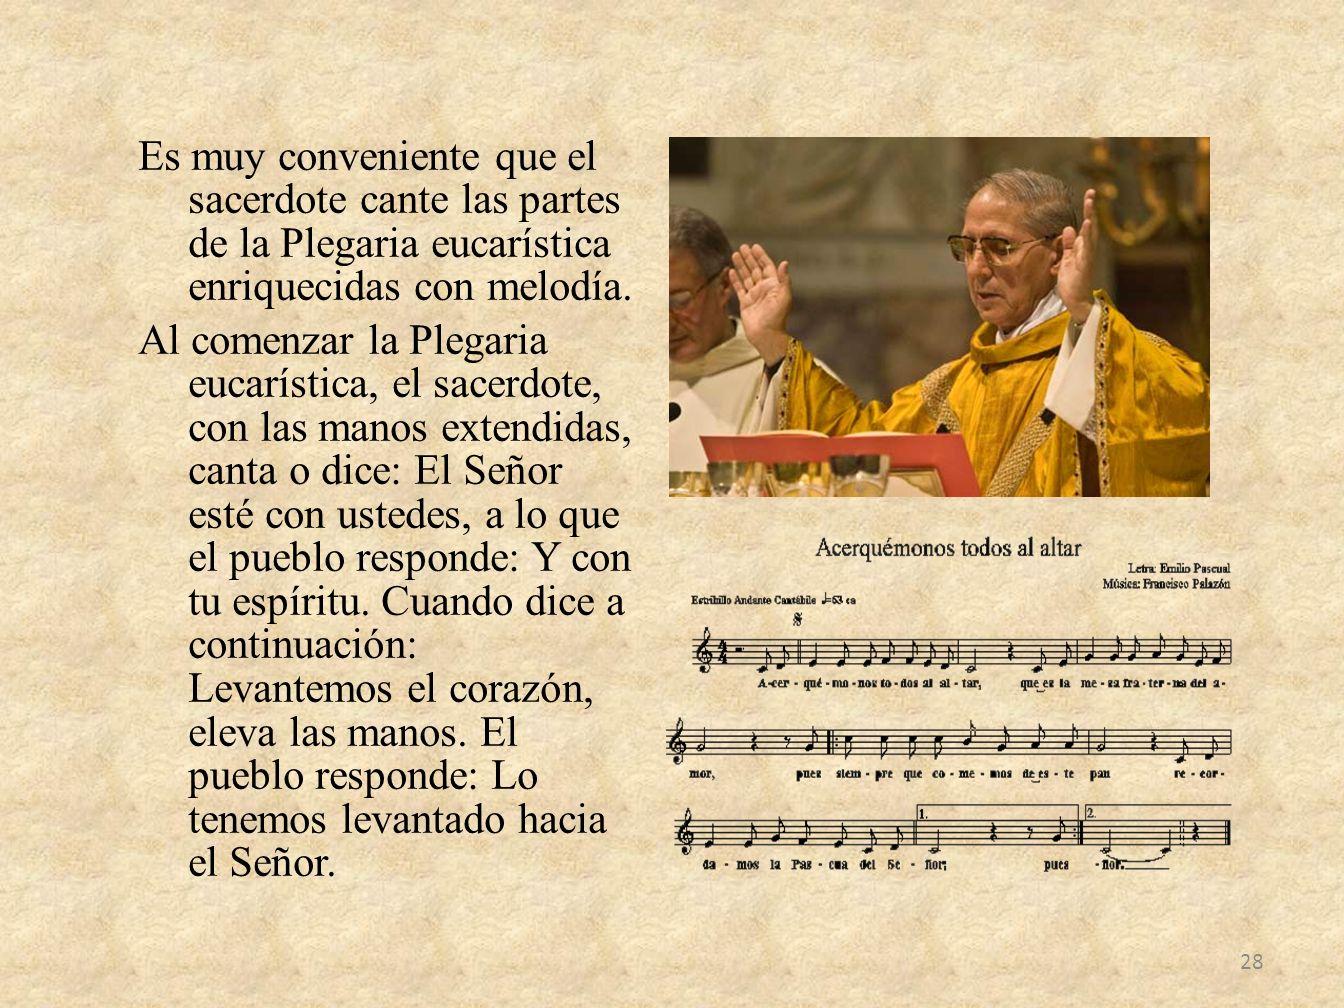 Es muy conveniente que el sacerdote cante las partes de la Plegaria eucarística enriquecidas con melodía.